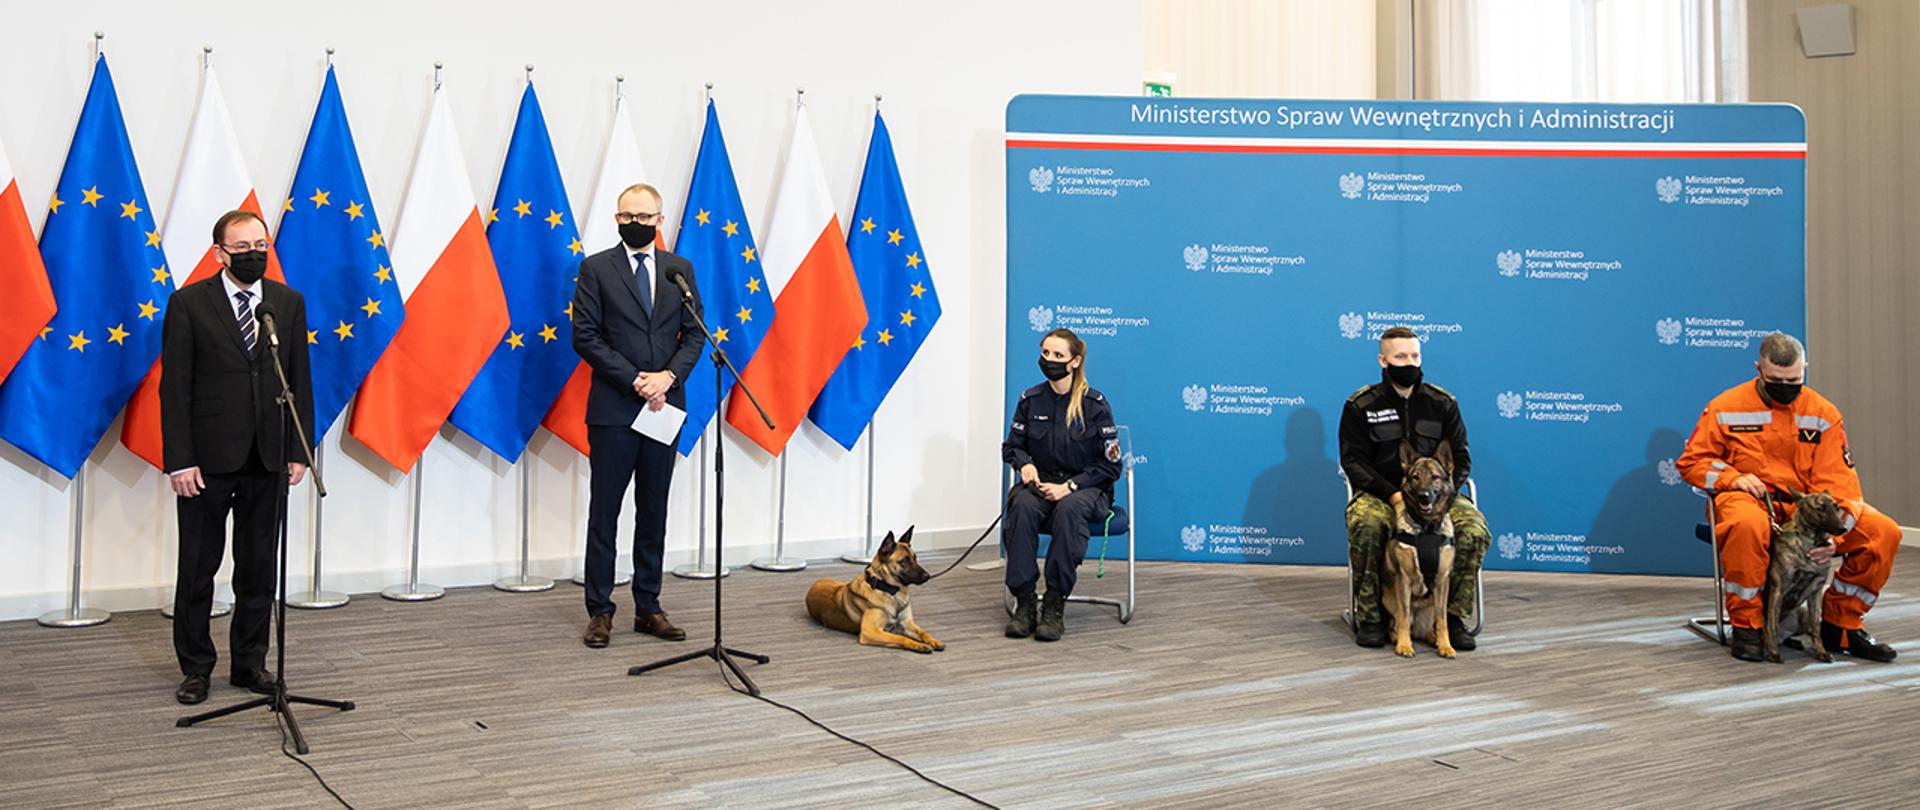 Na zdjęciu: minister Mariusz Kamiński, wiceminister Błażej Poboży oraz opiekunowie psów służbowych z podopiecznymi